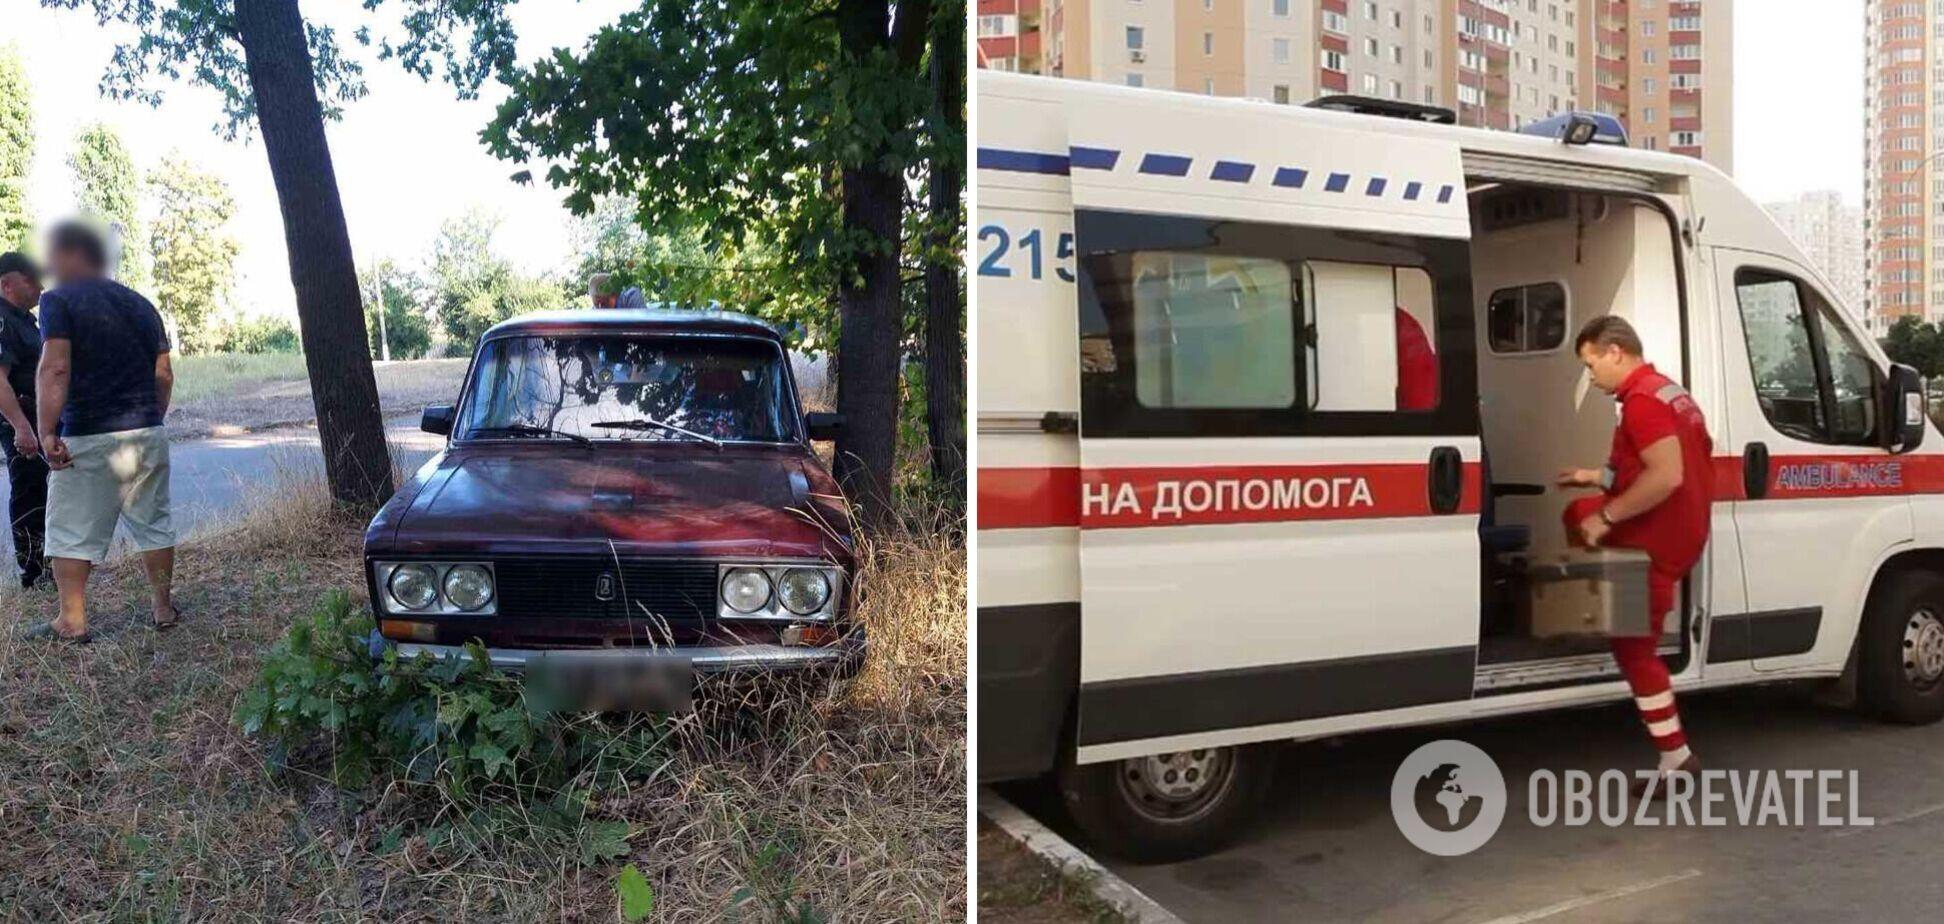 На Харьковщине авто влетело в толпу людей, пострадали двое школьников: появились данные об их состоянии. Фото